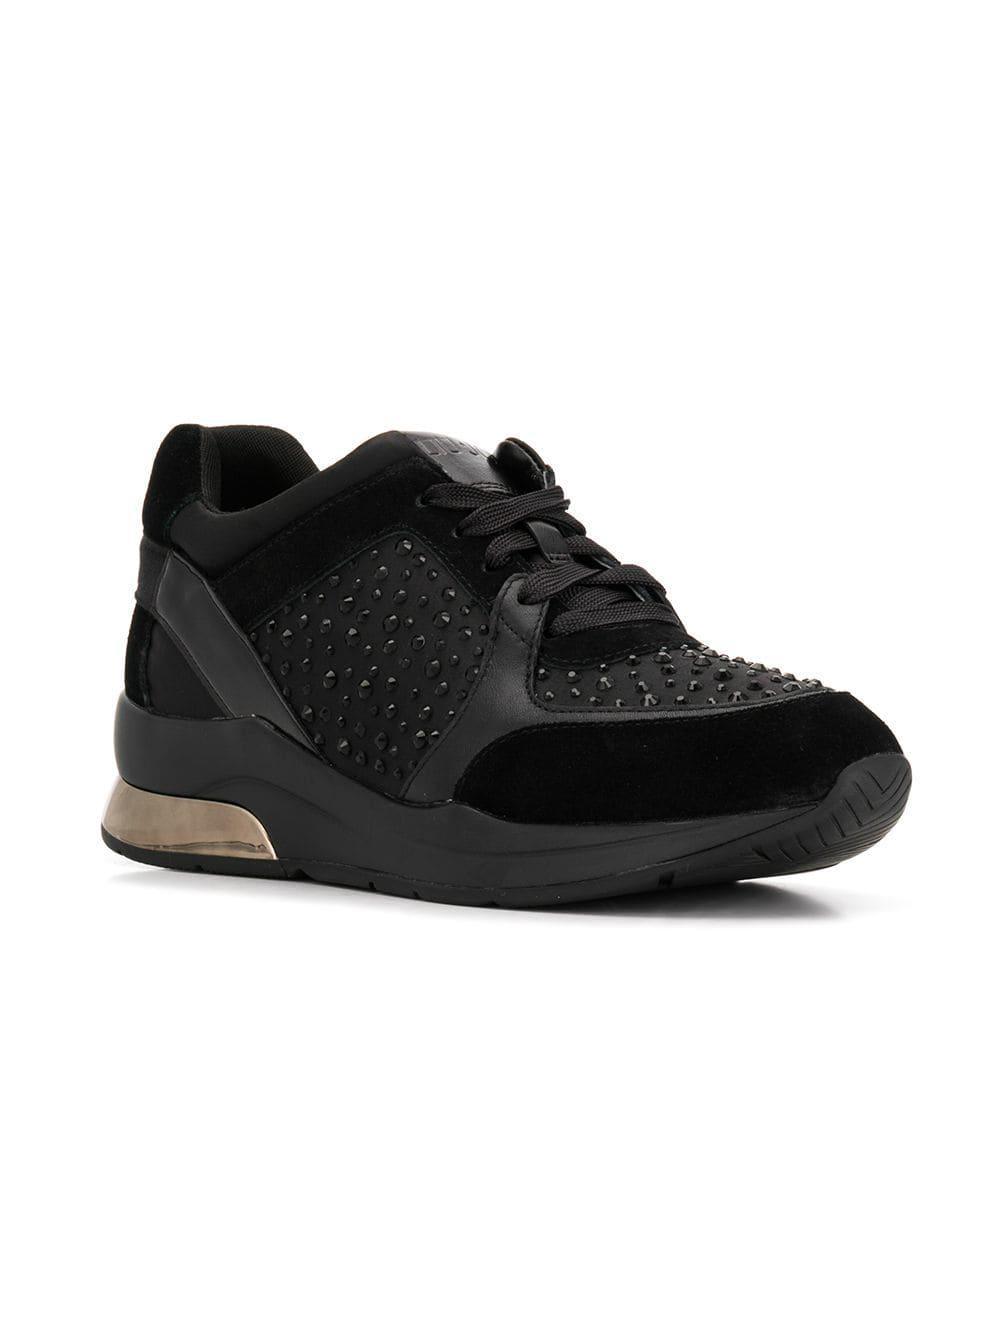 Liu Jo Karlie Sneakers in Black - Lyst f08fe0fbf85